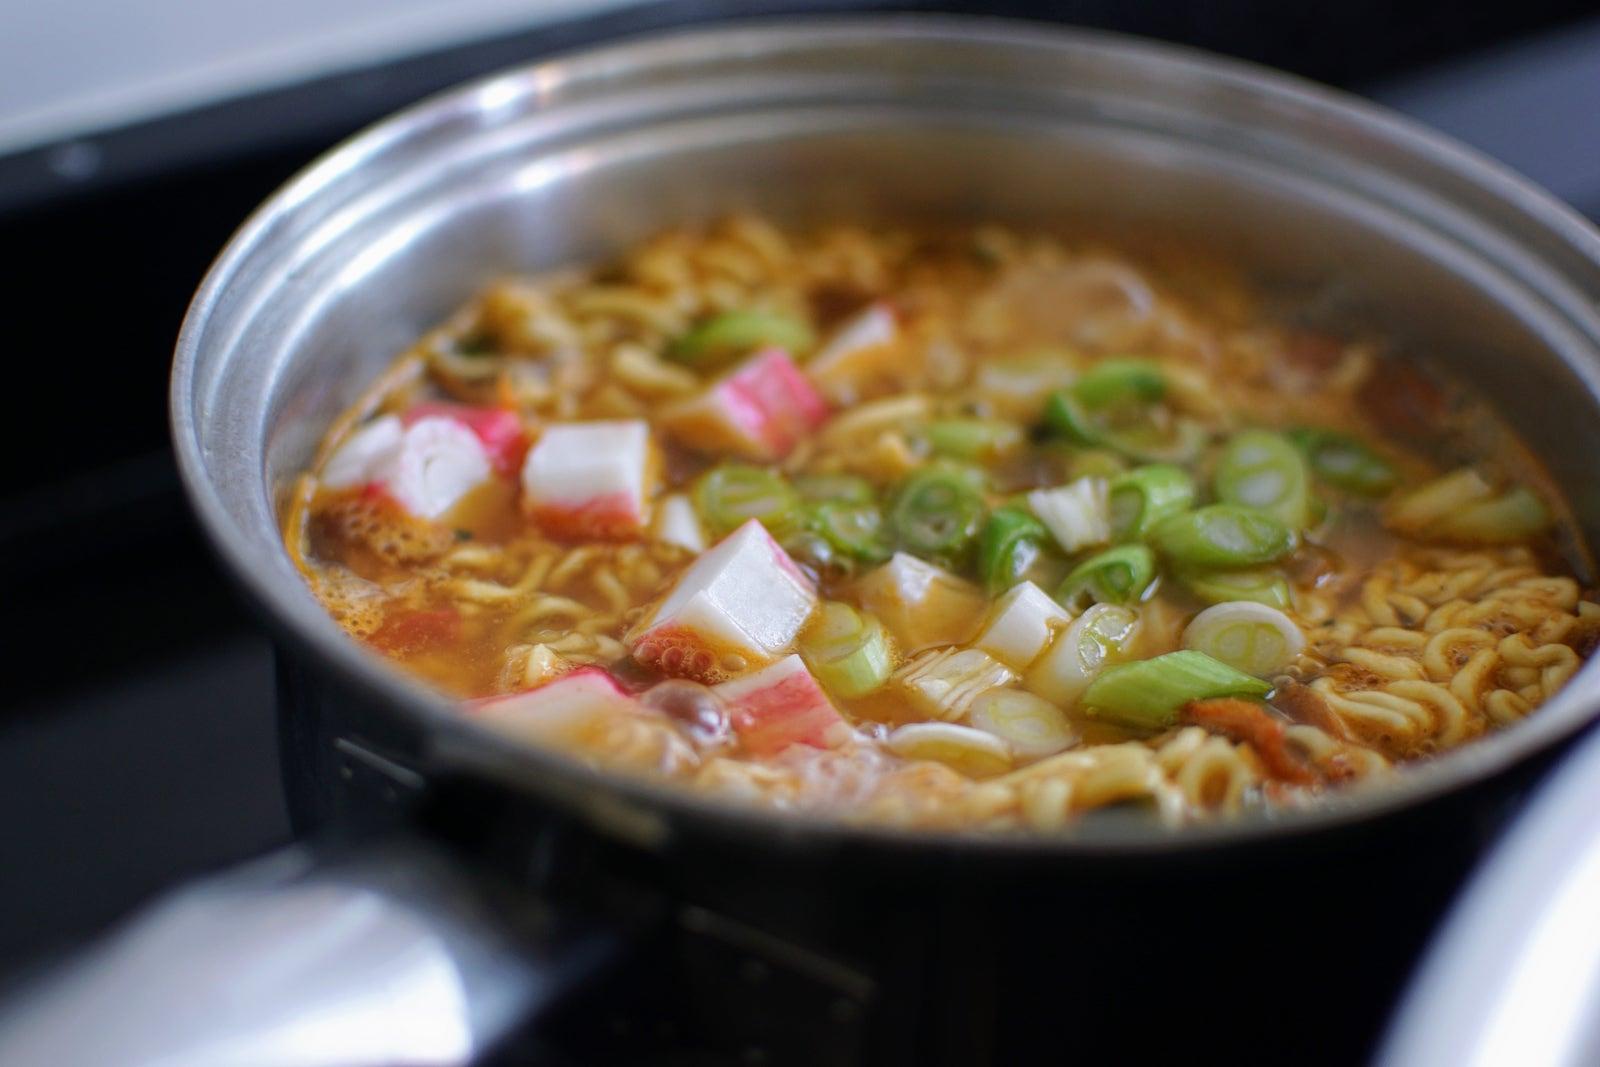 Caserola ng ramen noodles